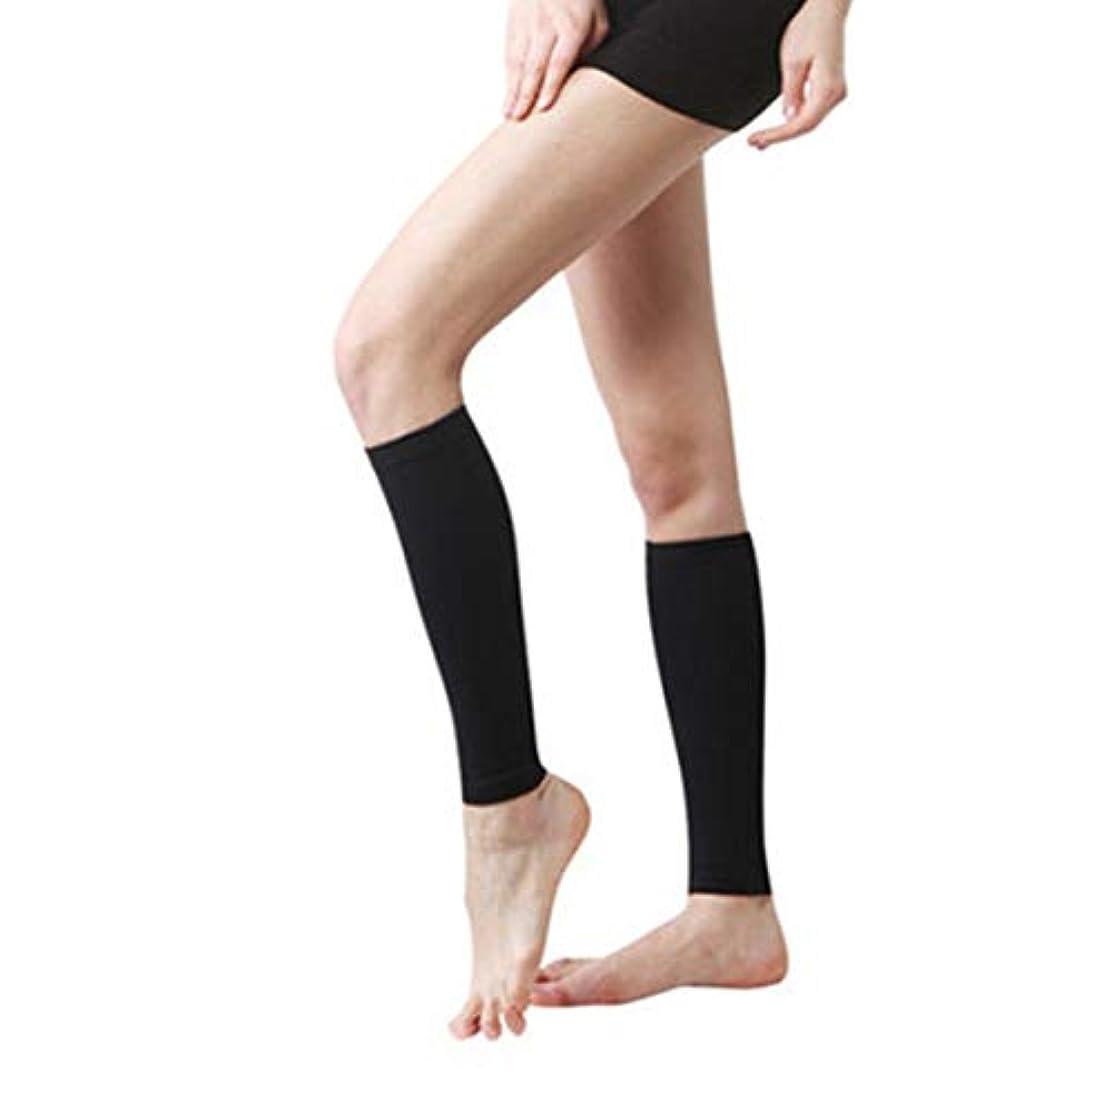 ランタン捧げる満たす丈夫な男性女性プロの圧縮靴下通気性のある旅行活動看護師用シンススプリントフライトトラベル - ブラック